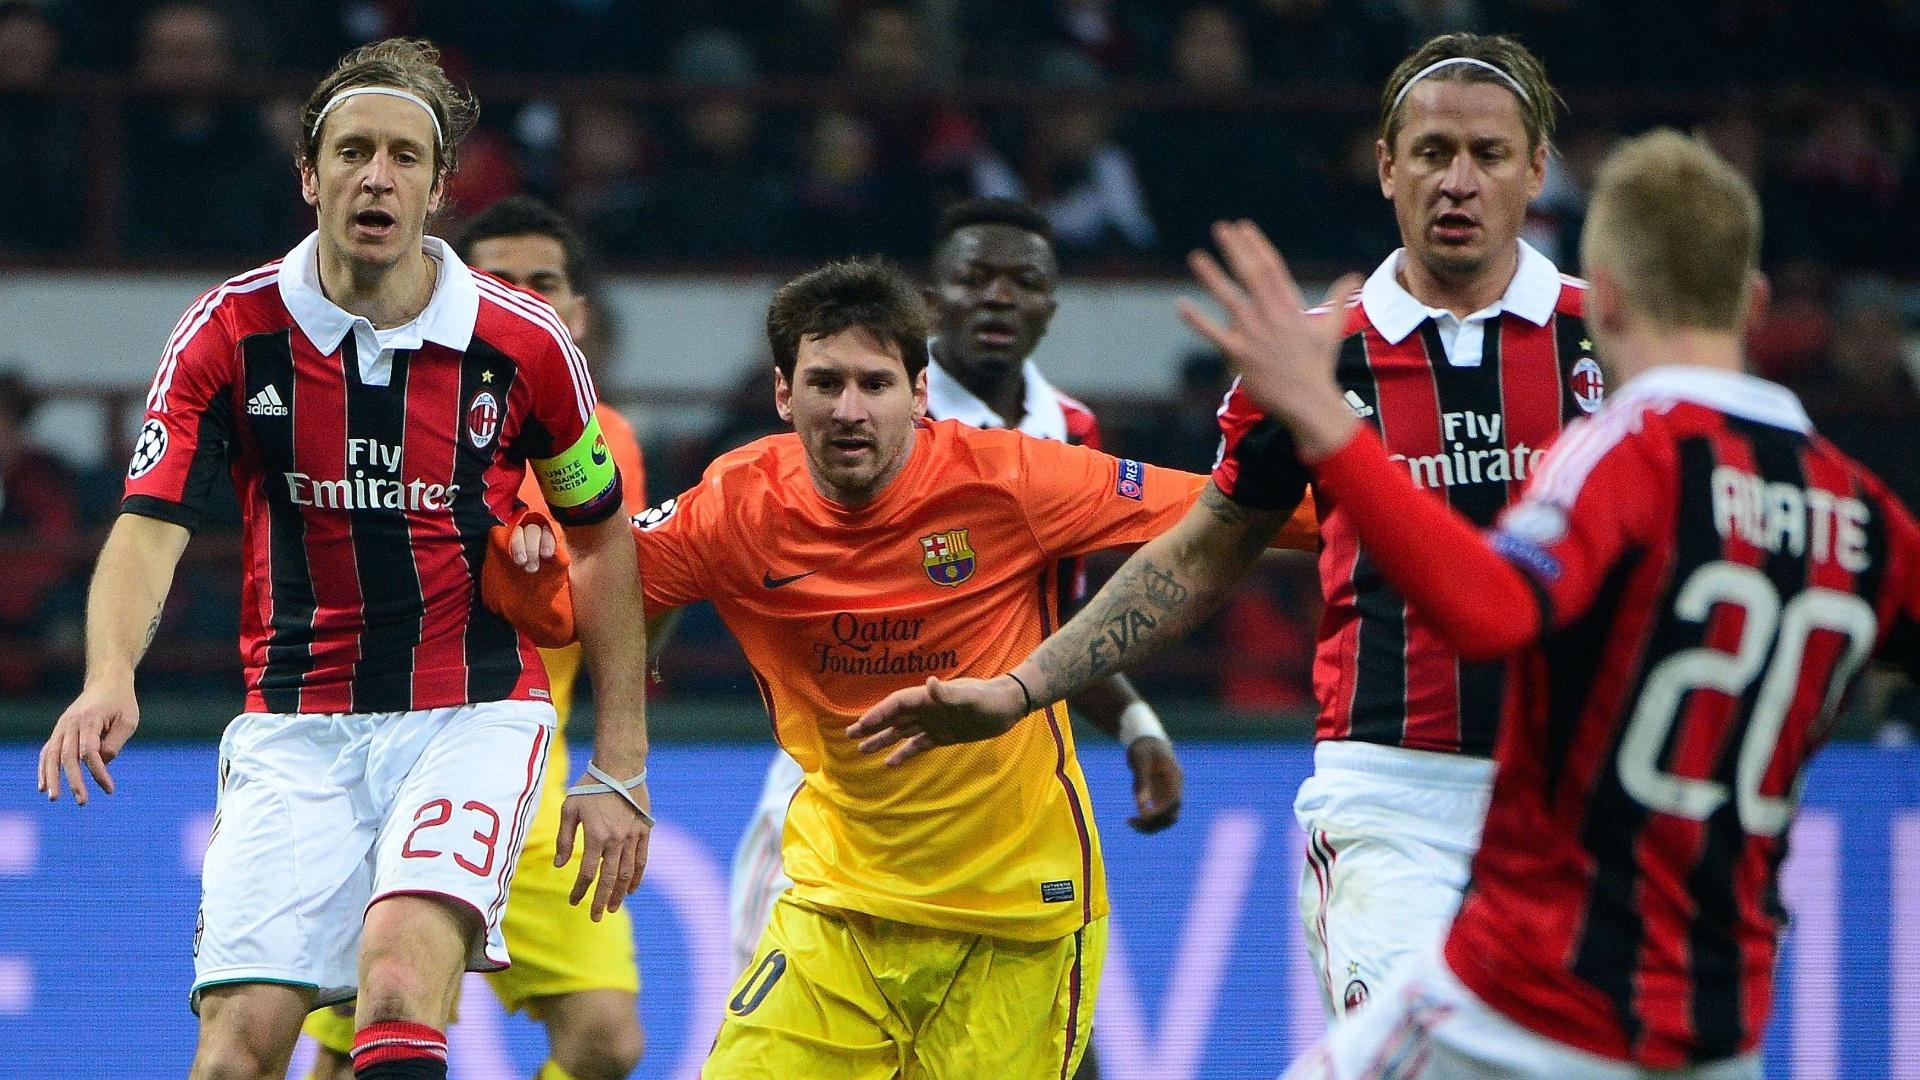 20.fev.2013 - Messi (no centro) tenta passar no meio da forte marcação do Milan